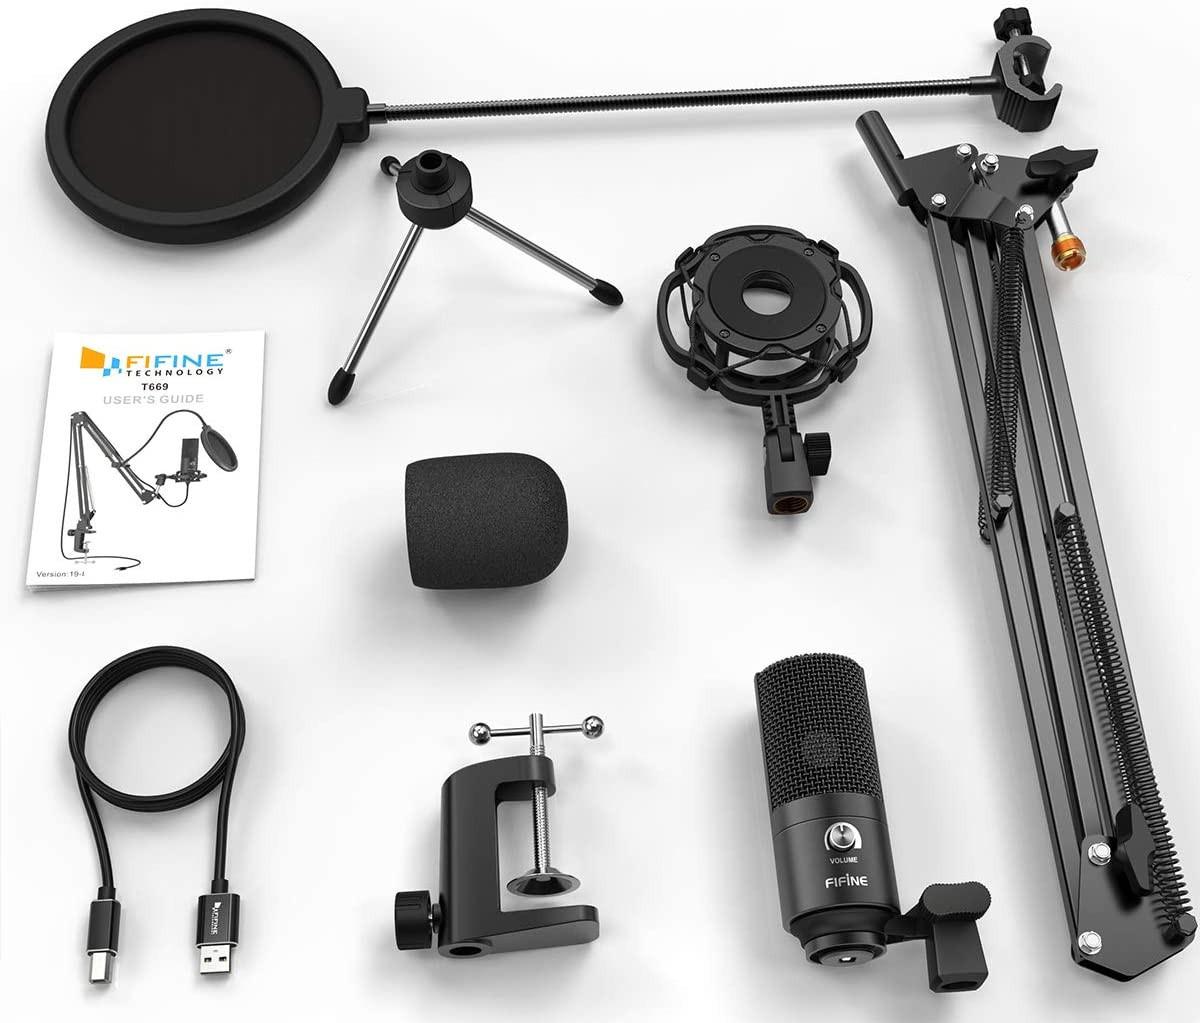 изображение комплекта поставки микрофона для стрима с поп-фильтром Fifine T669